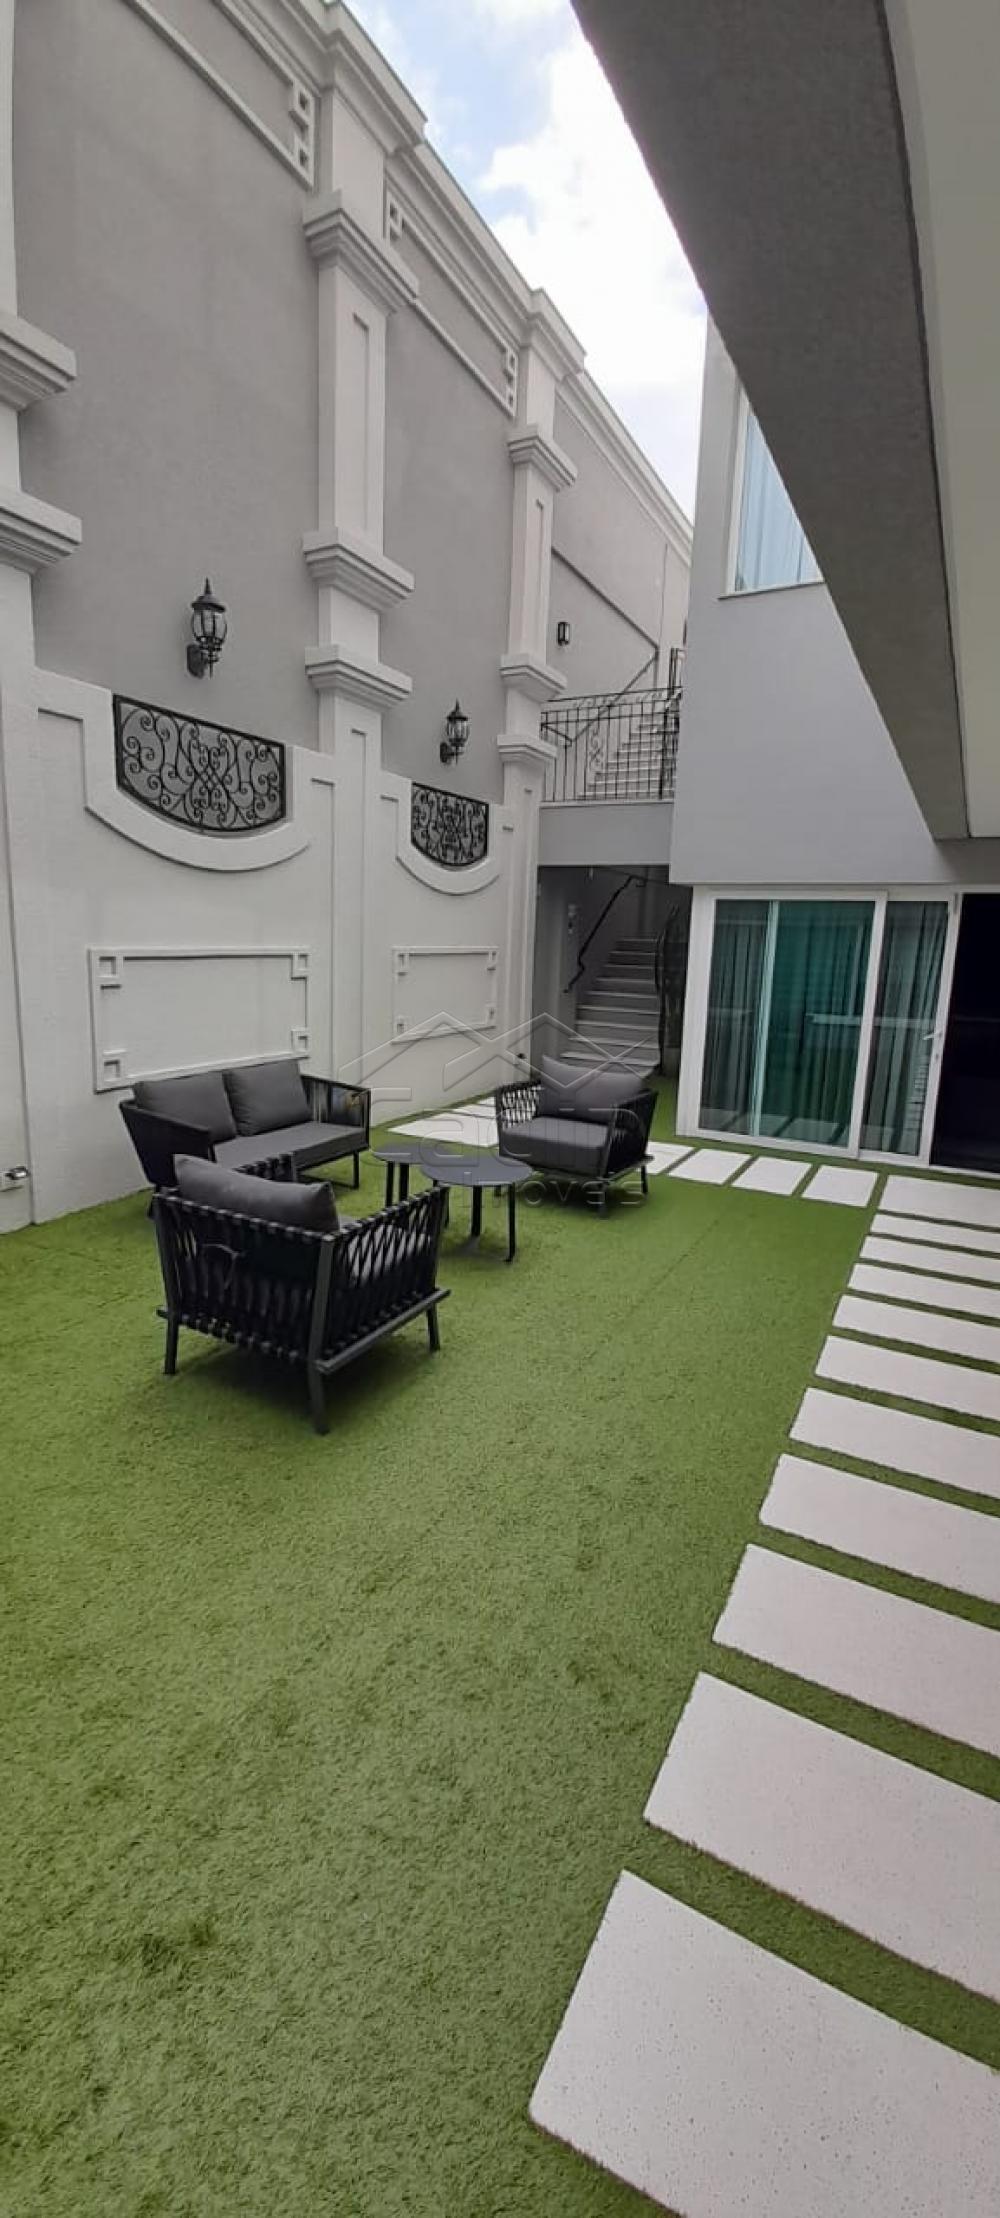 Alugar Apartamento / Padrão em Navegantes R$ 3.500,00 - Foto 13